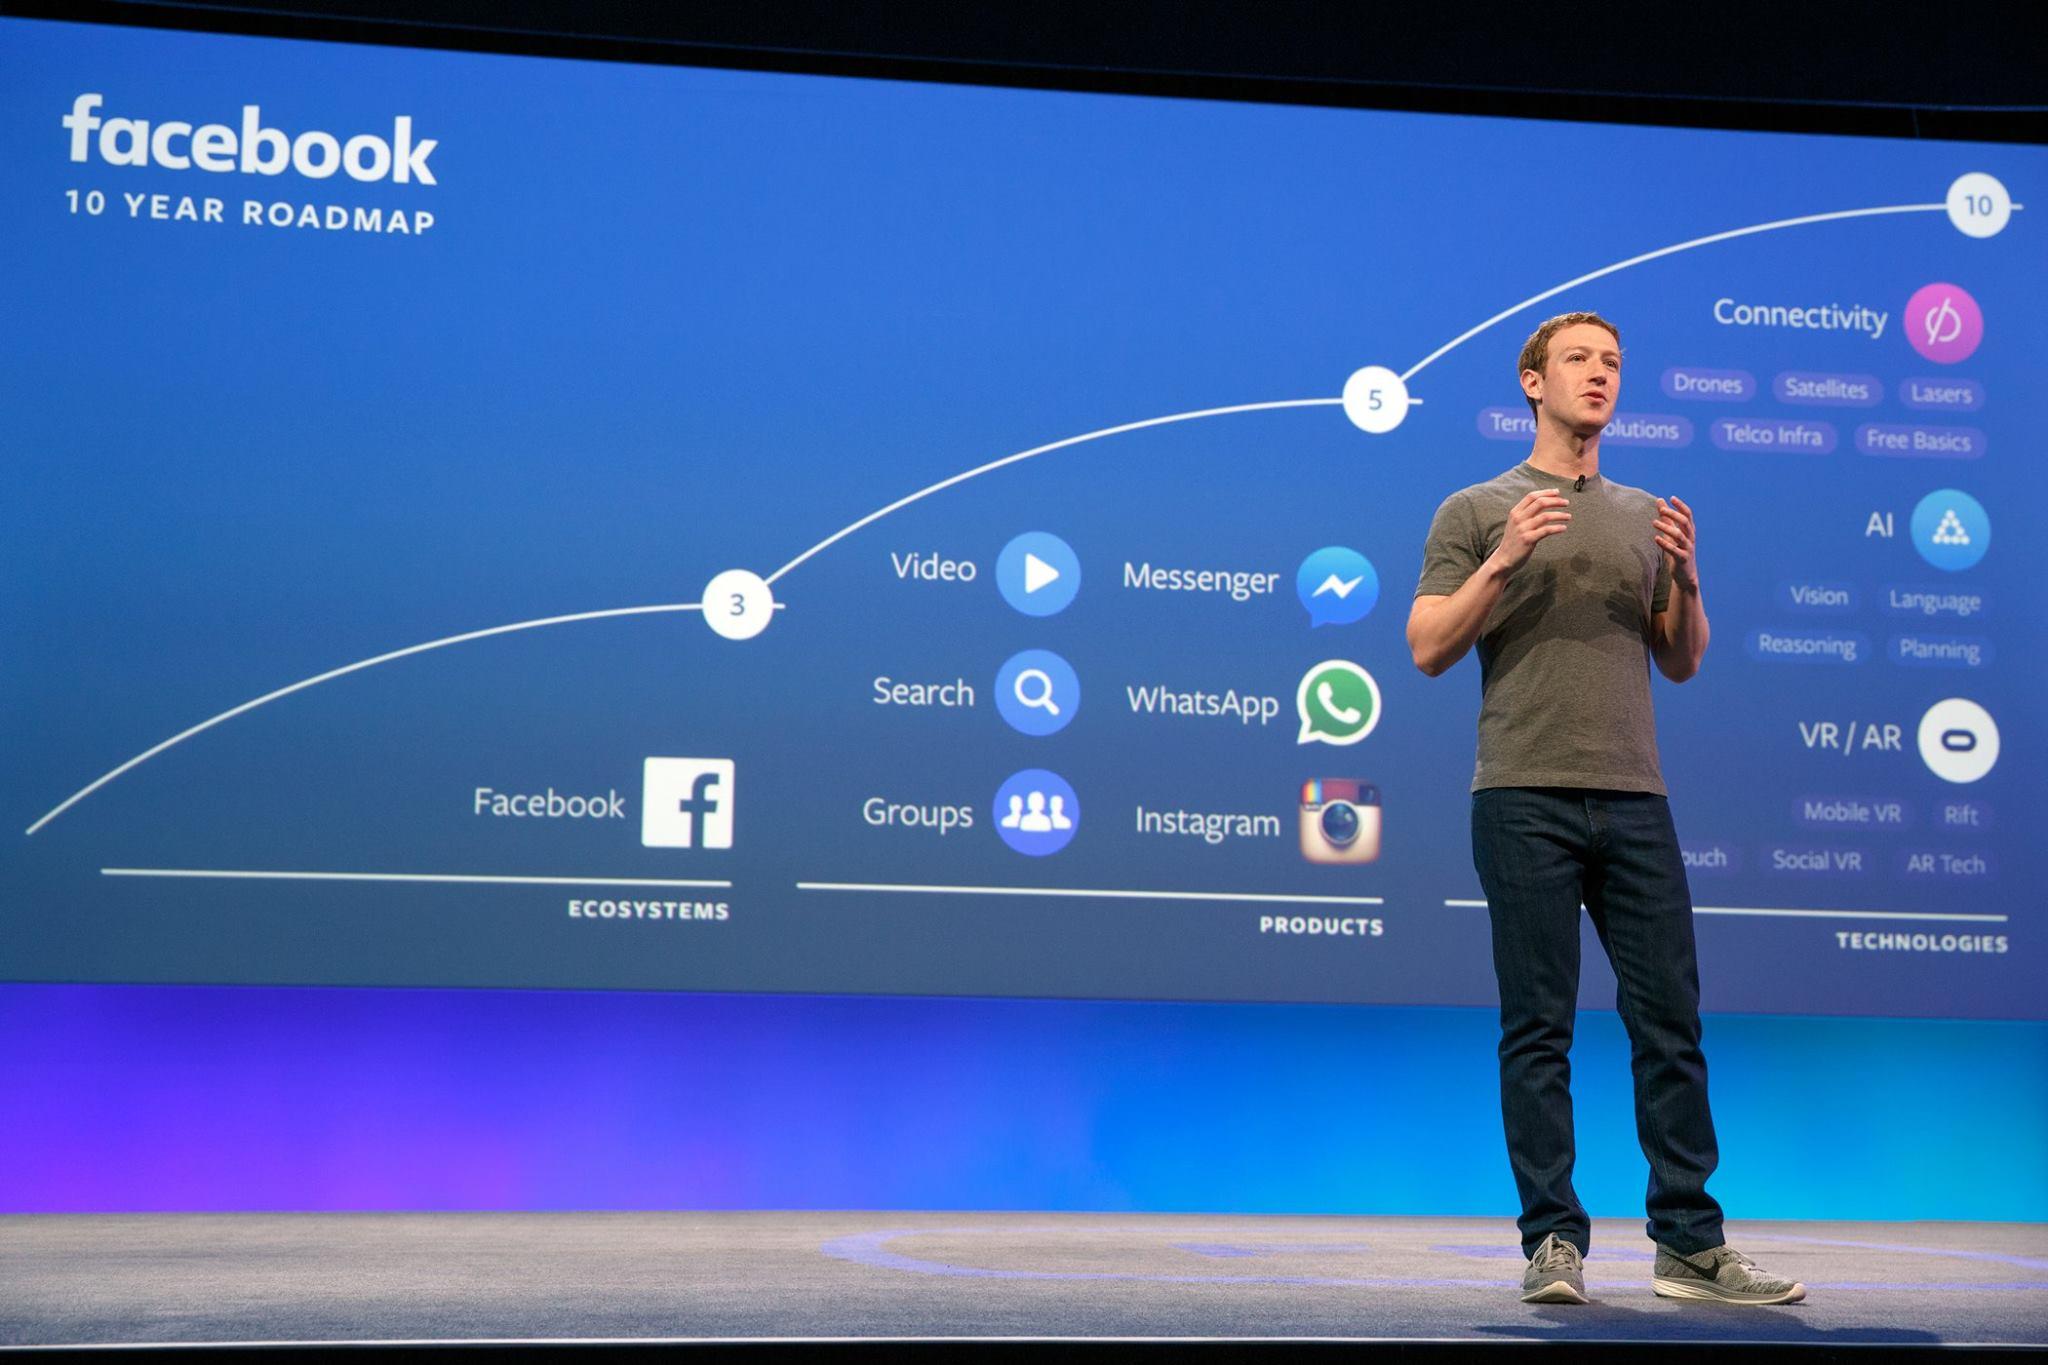 فيسبوك (1)